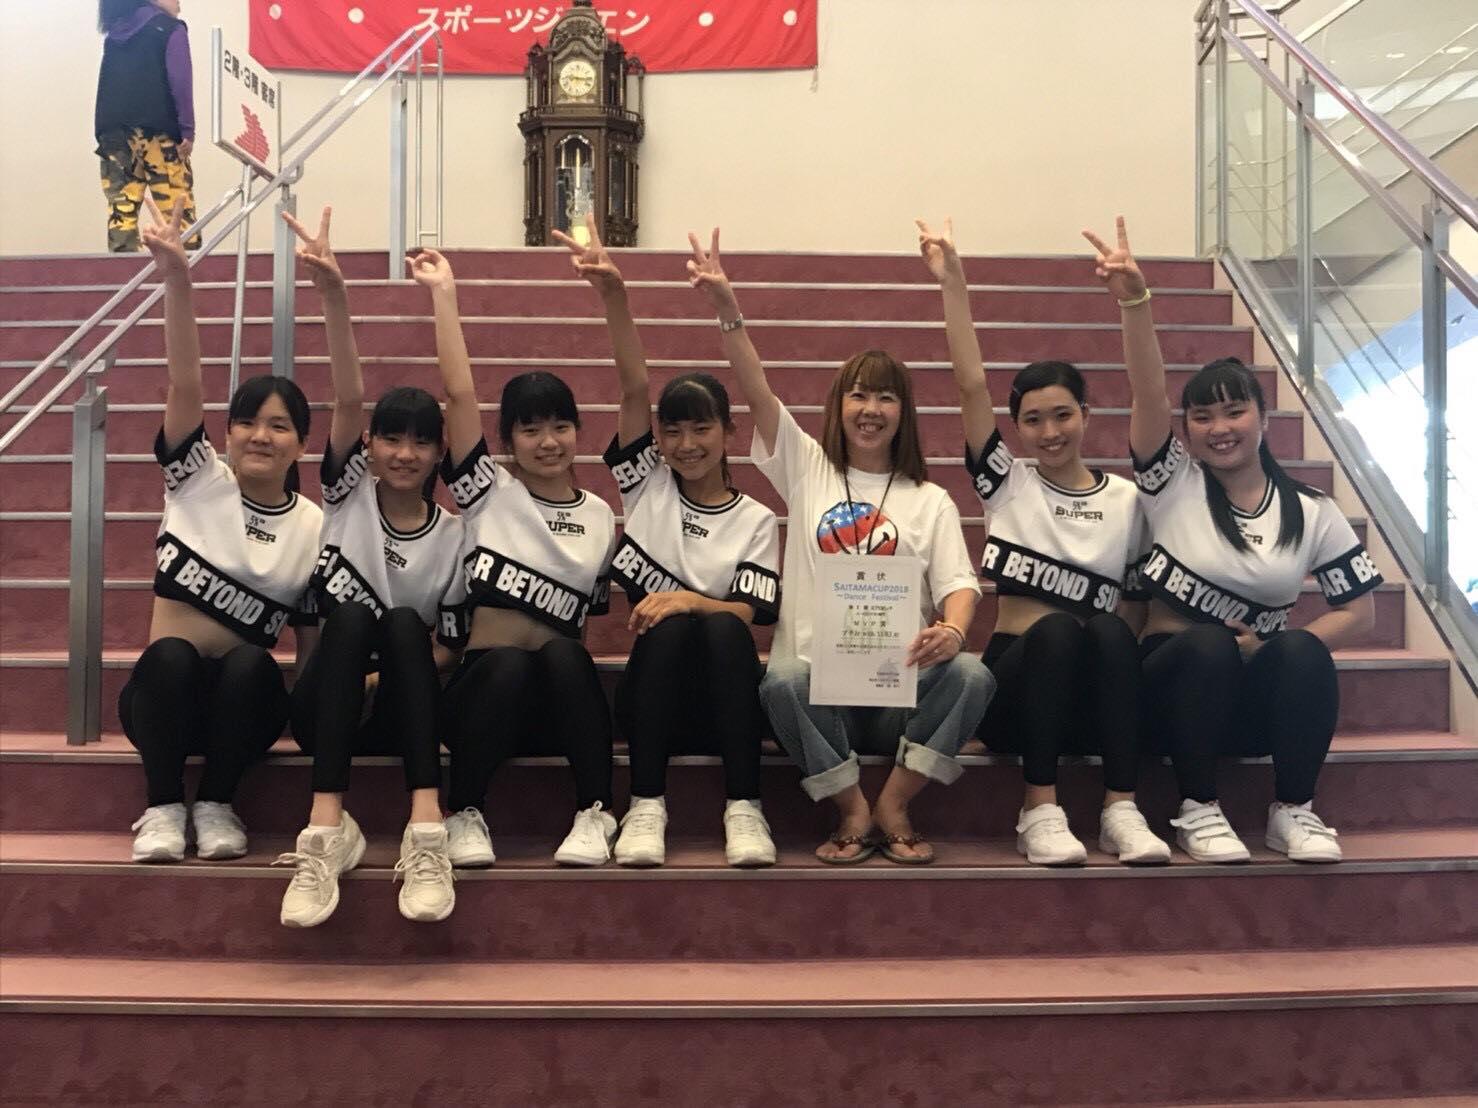 プチjr MVP賞 おめでとう!